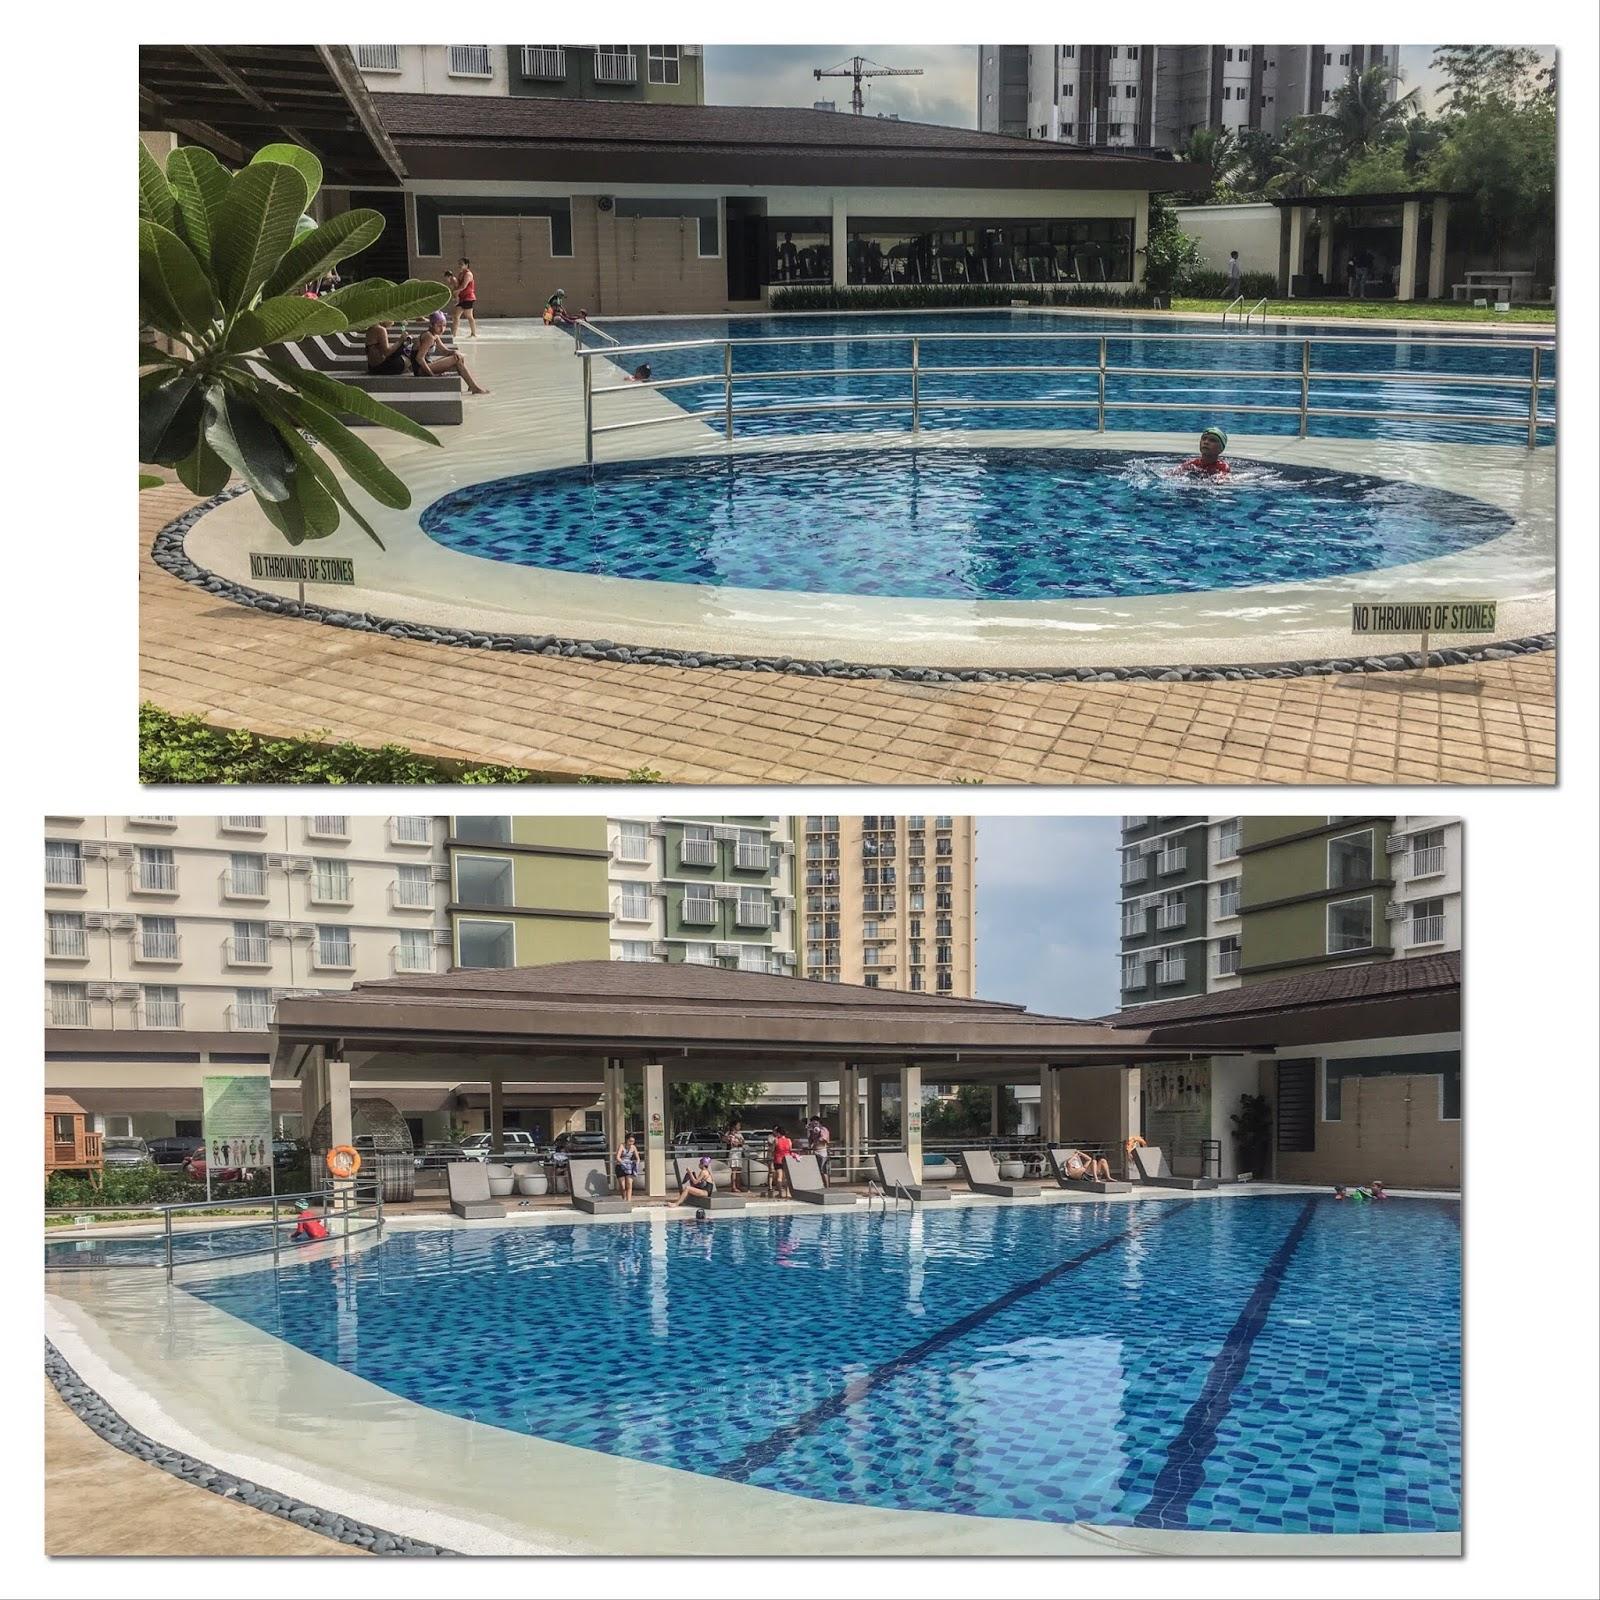 Bamboo Bay Community Mandaue Swimmingpool